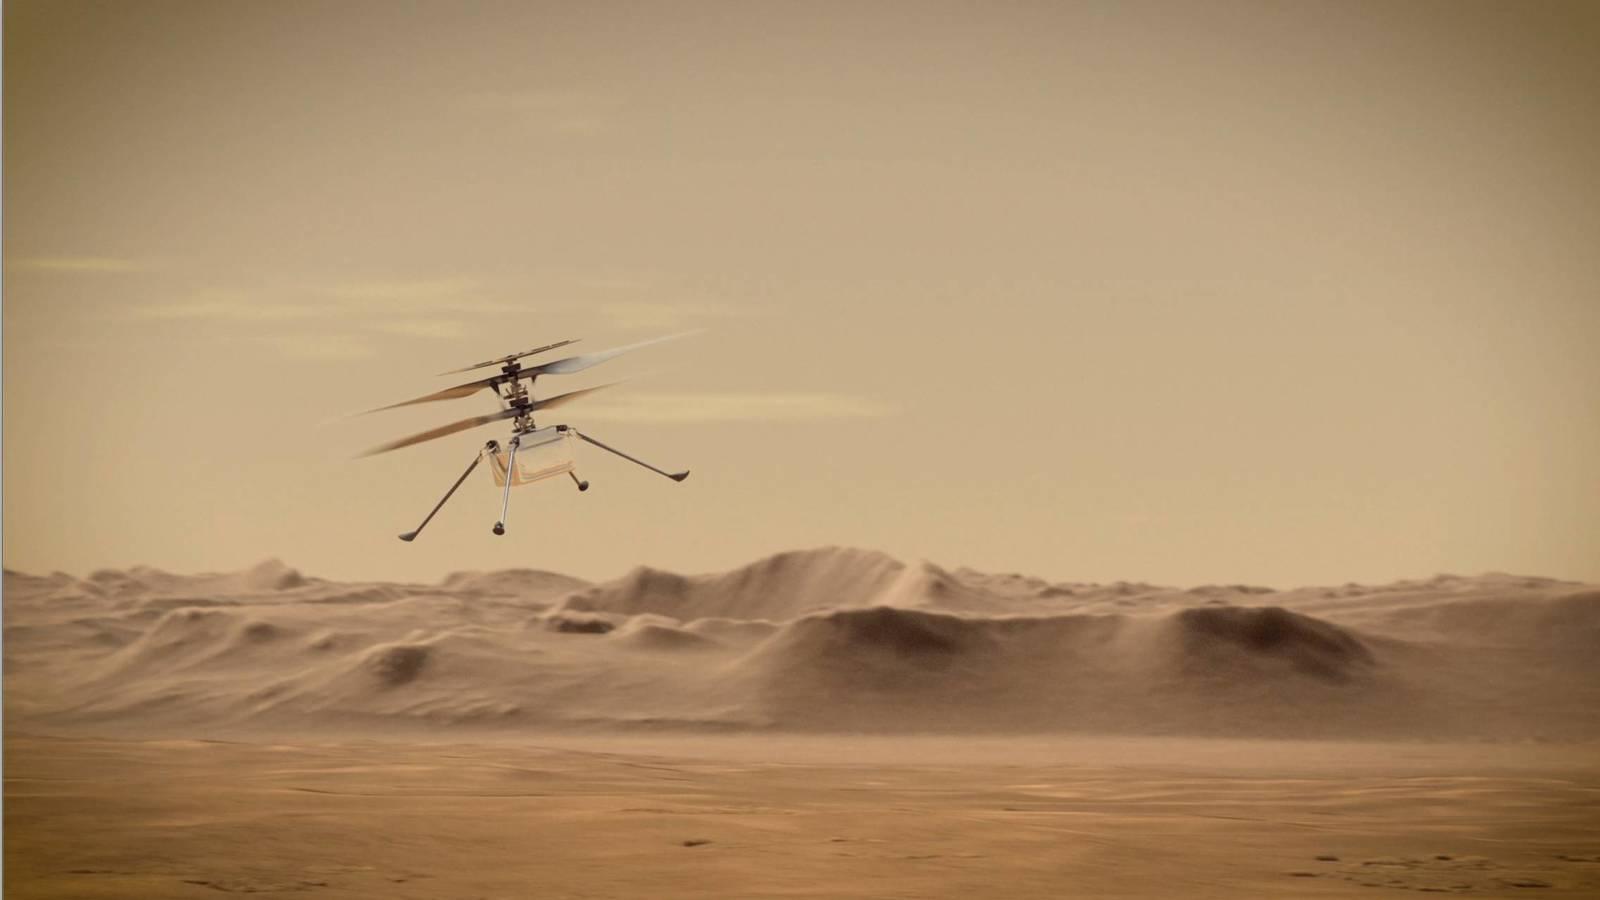 Марсолету Ingenuity продлили миссию  теперь он может летать до осени 2021 года